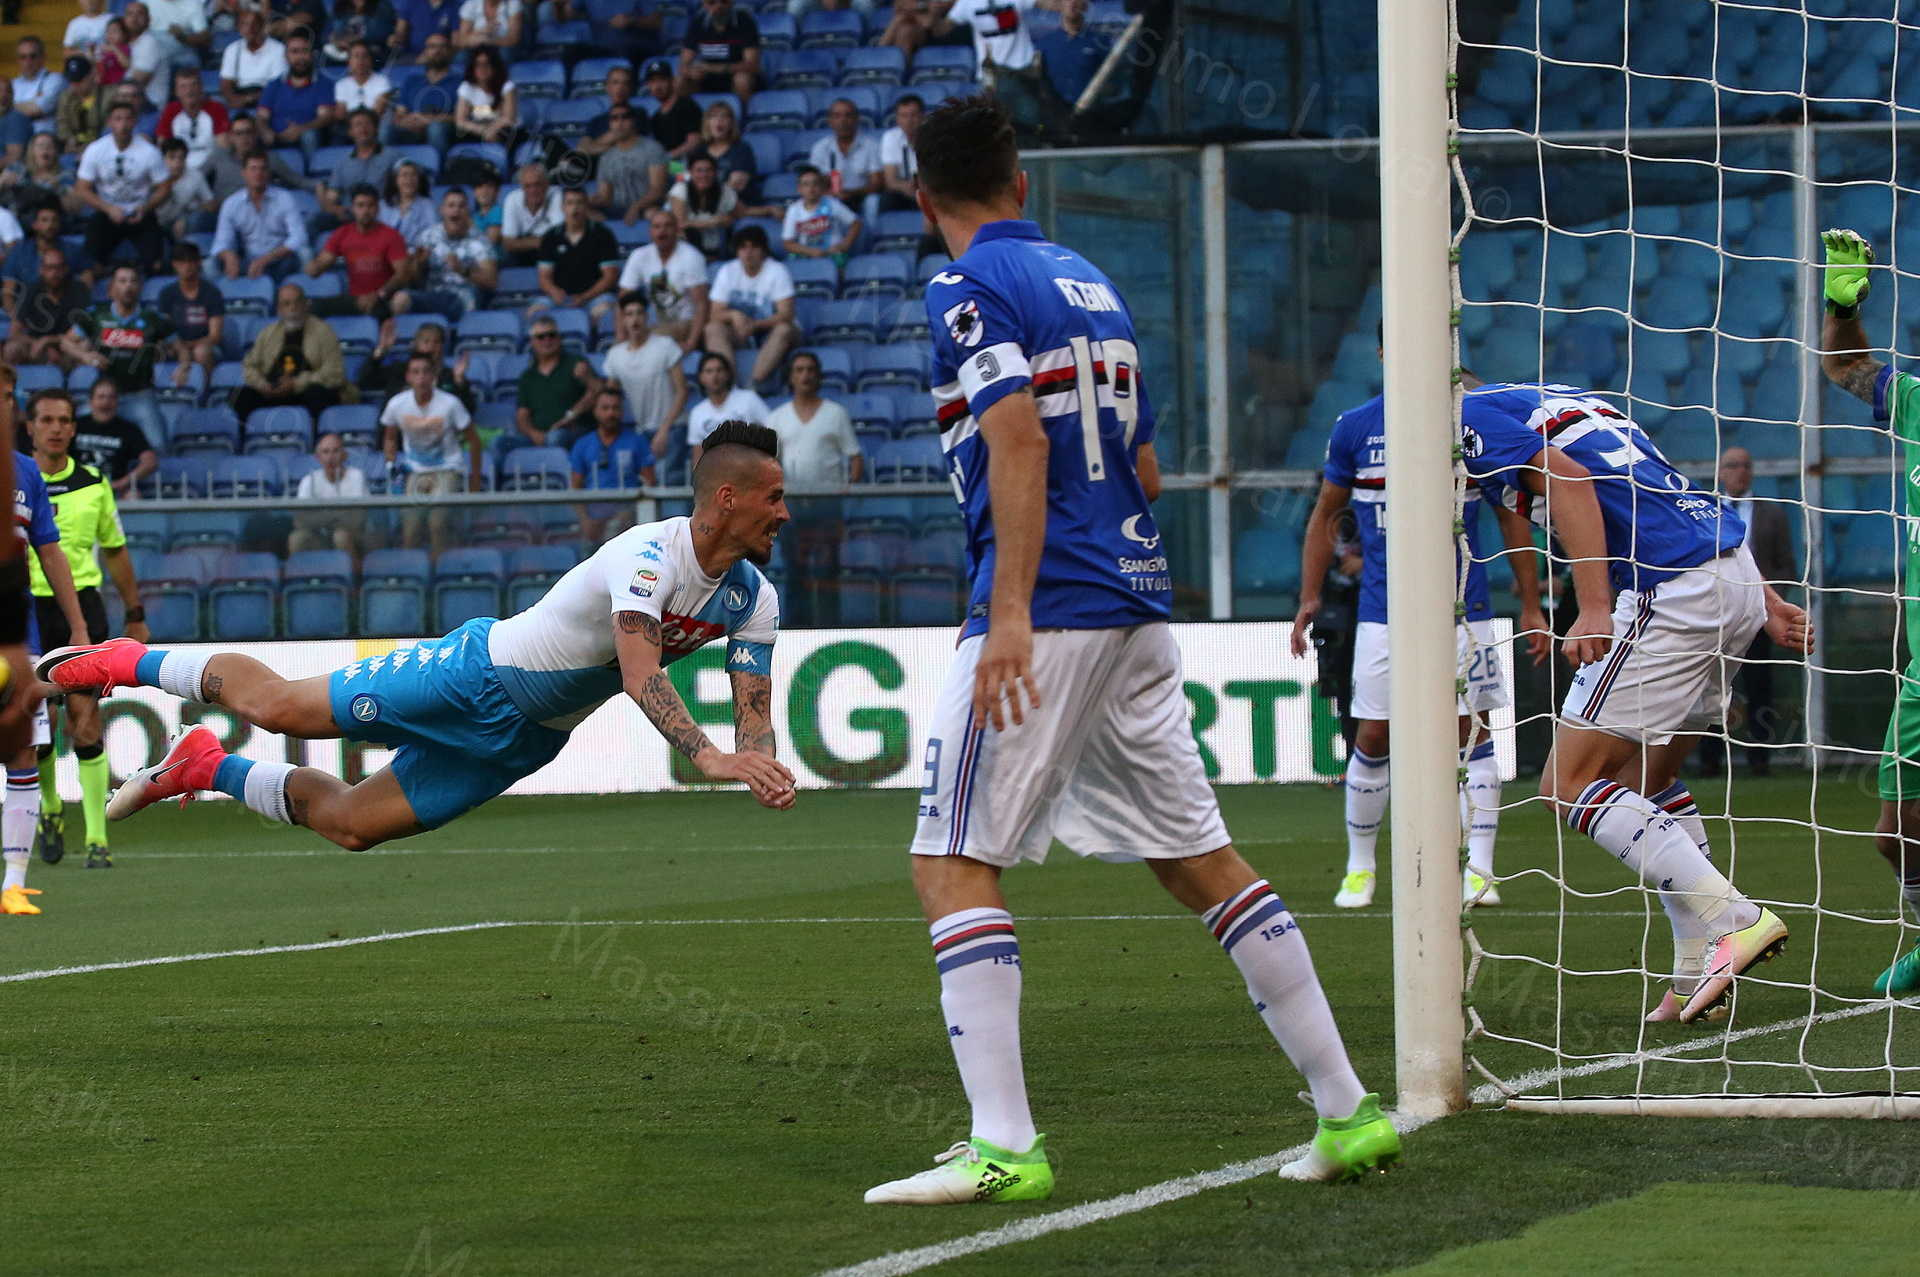 Sampdoria - Napoli 2016/2017 Hamšík in gol